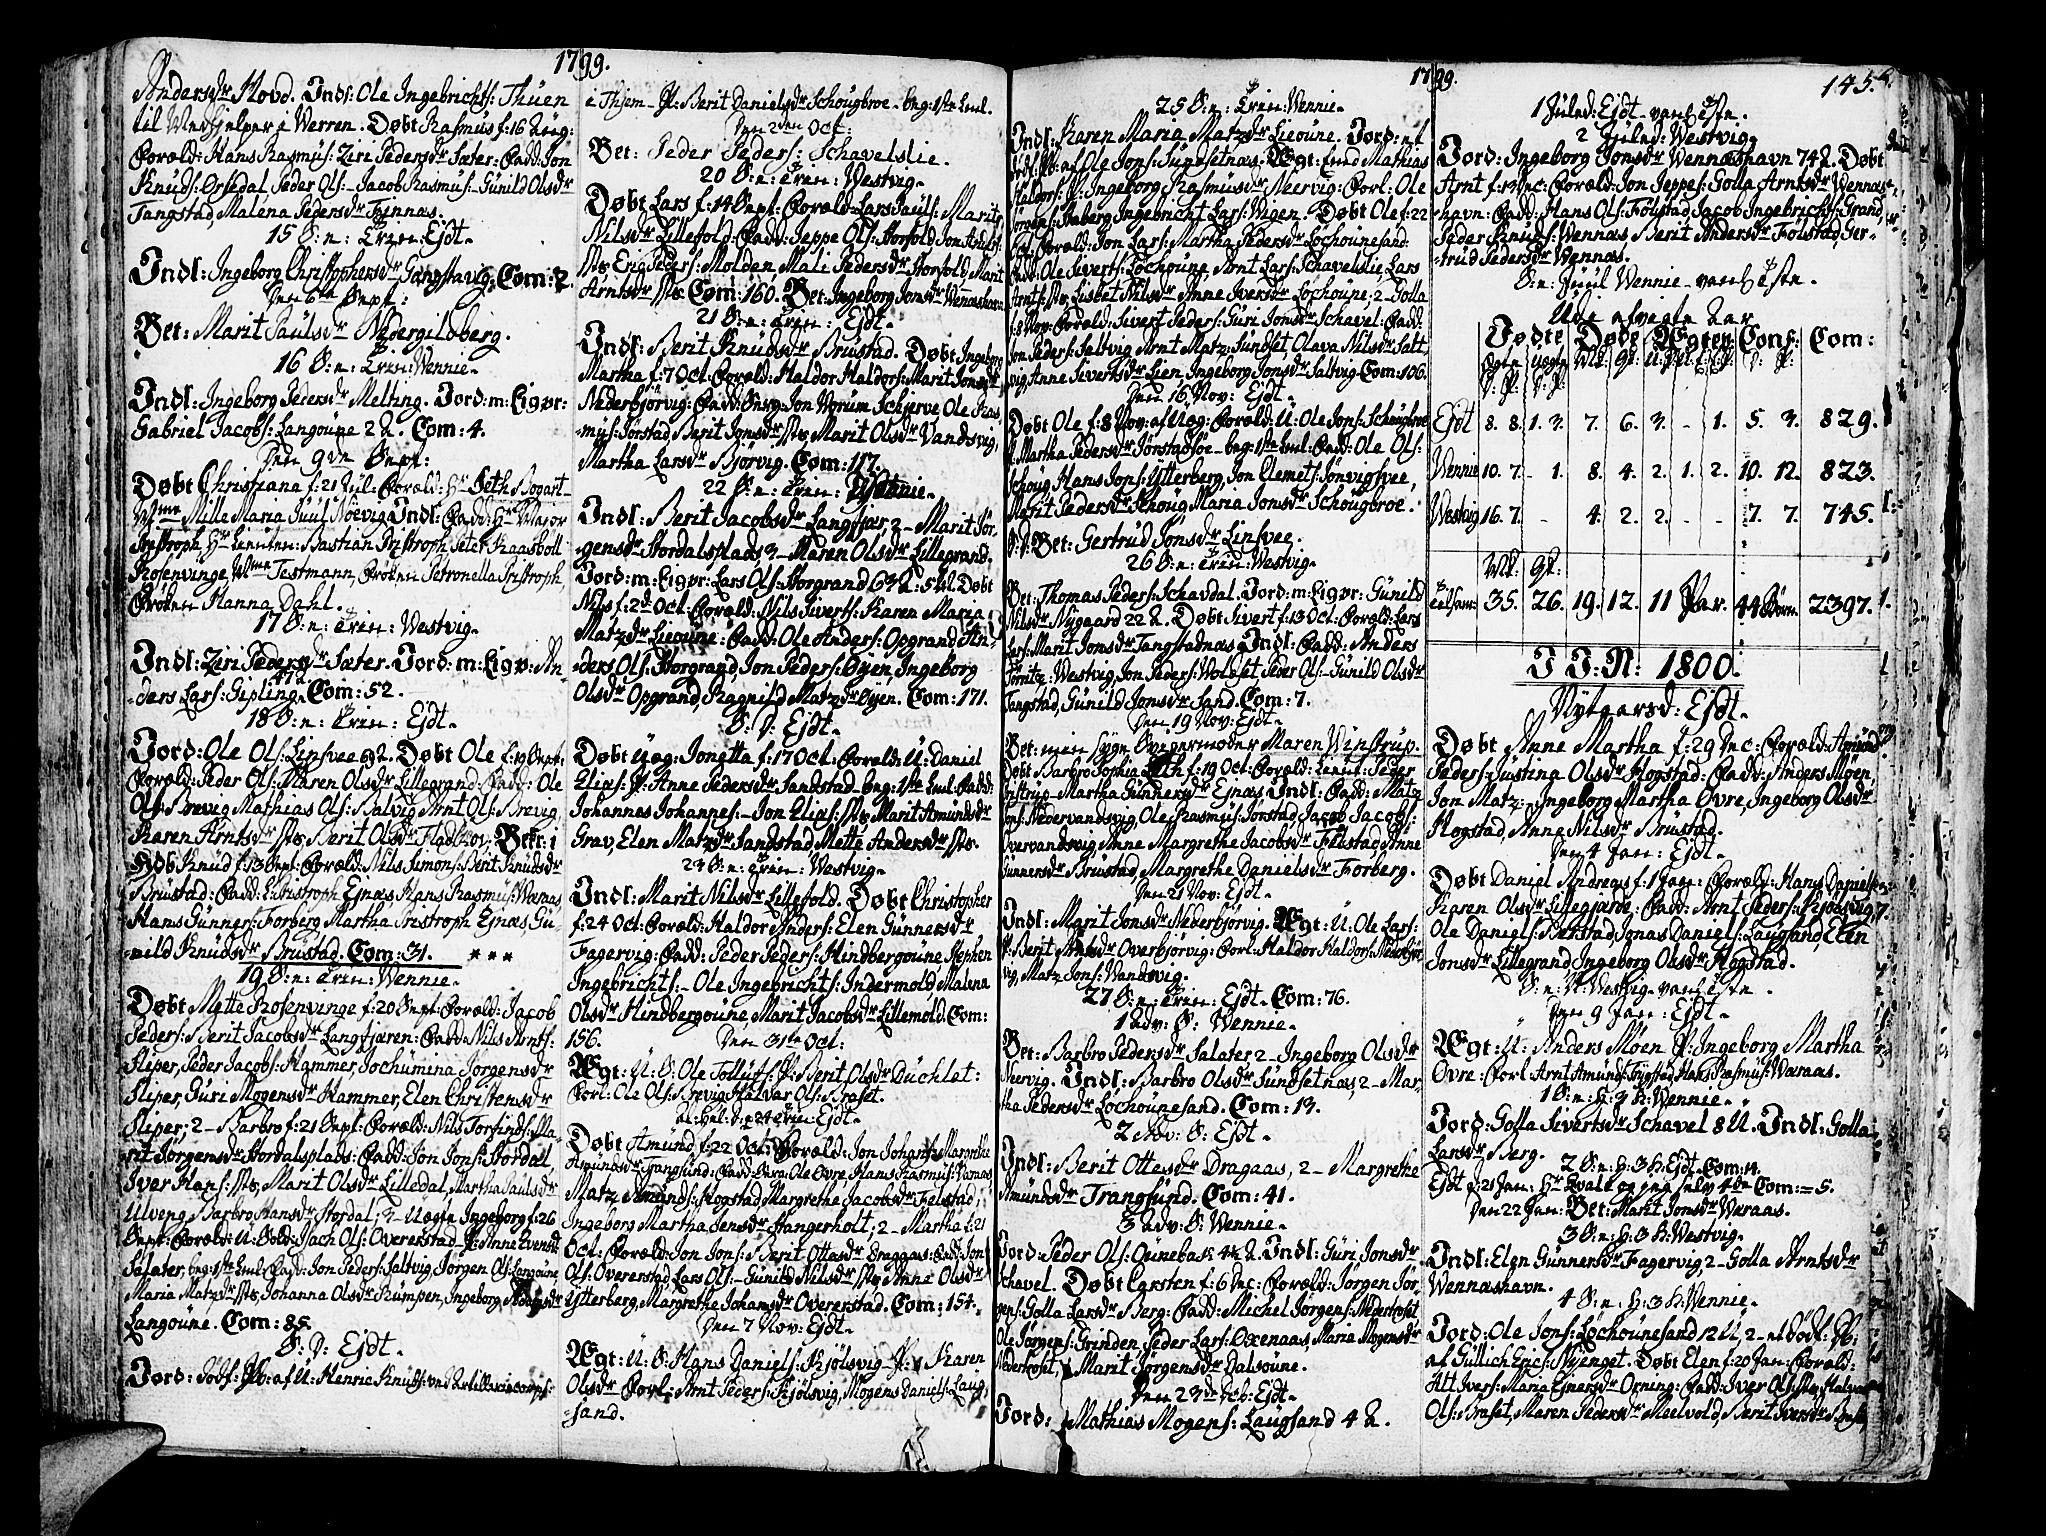 SAT, Ministerialprotokoller, klokkerbøker og fødselsregistre - Nord-Trøndelag, 722/L0216: Ministerialbok nr. 722A03, 1756-1816, s. 145